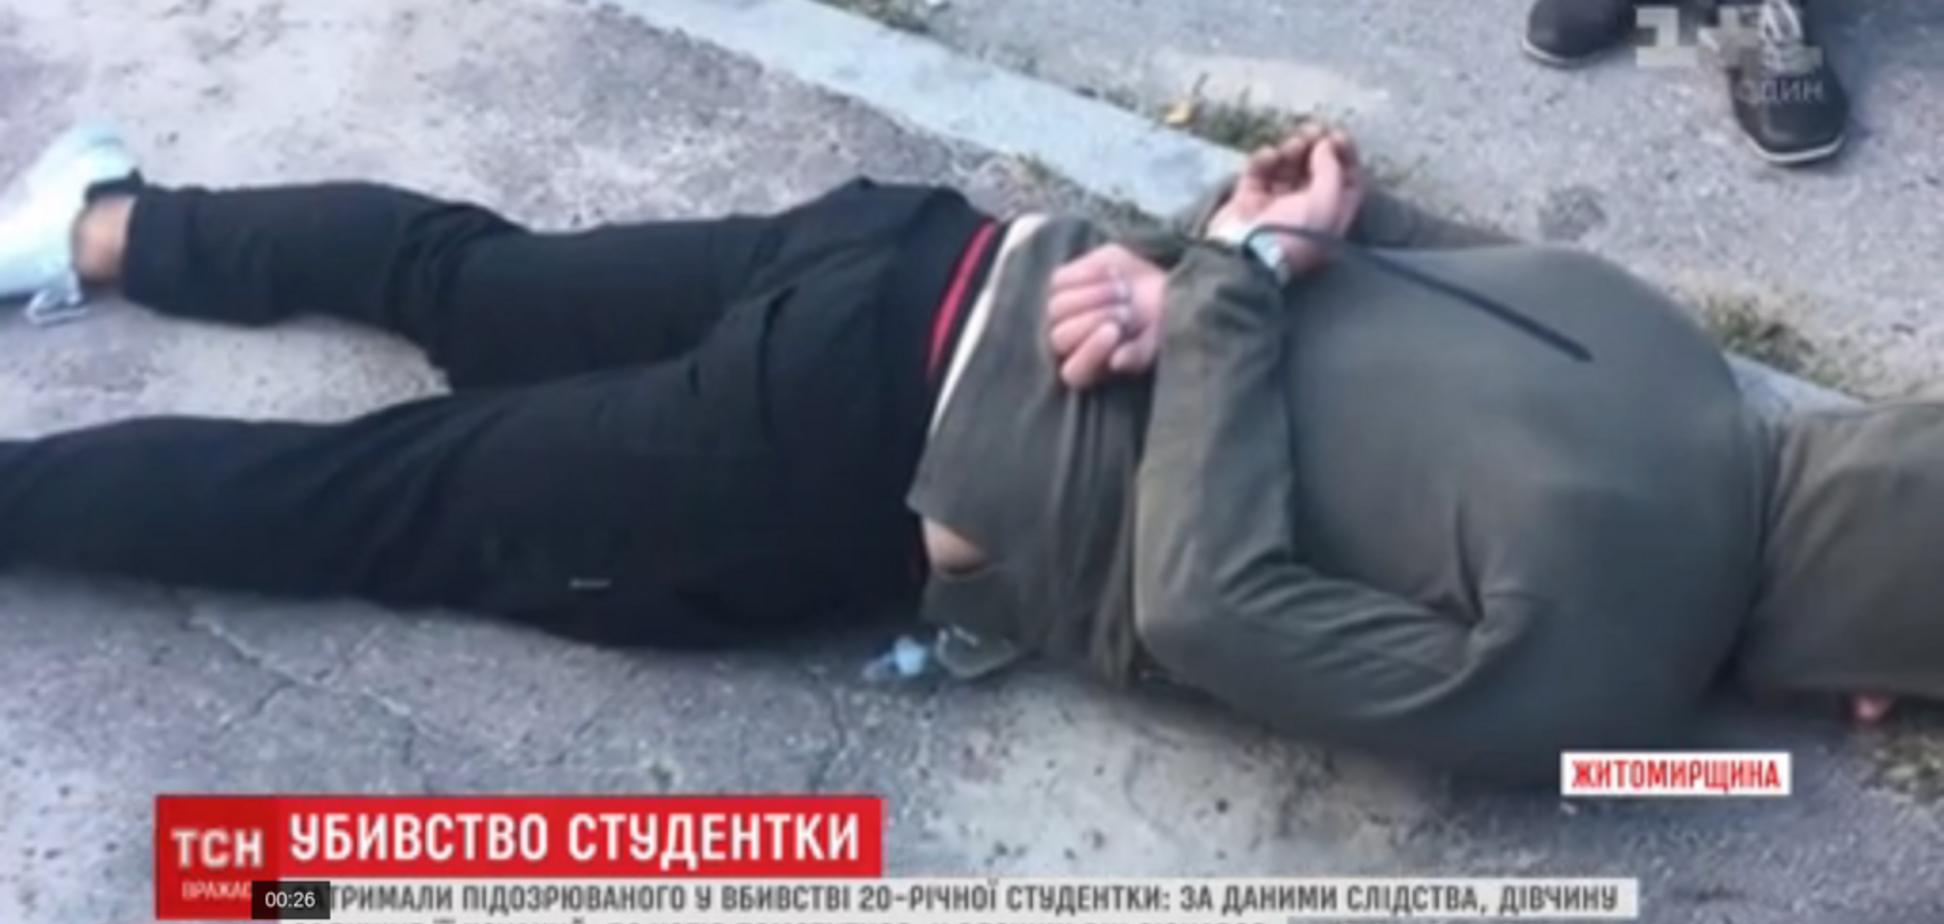 Душив руками, потім скотчем: з'явилися страшні подробиці вбивства студентки в Житомирі